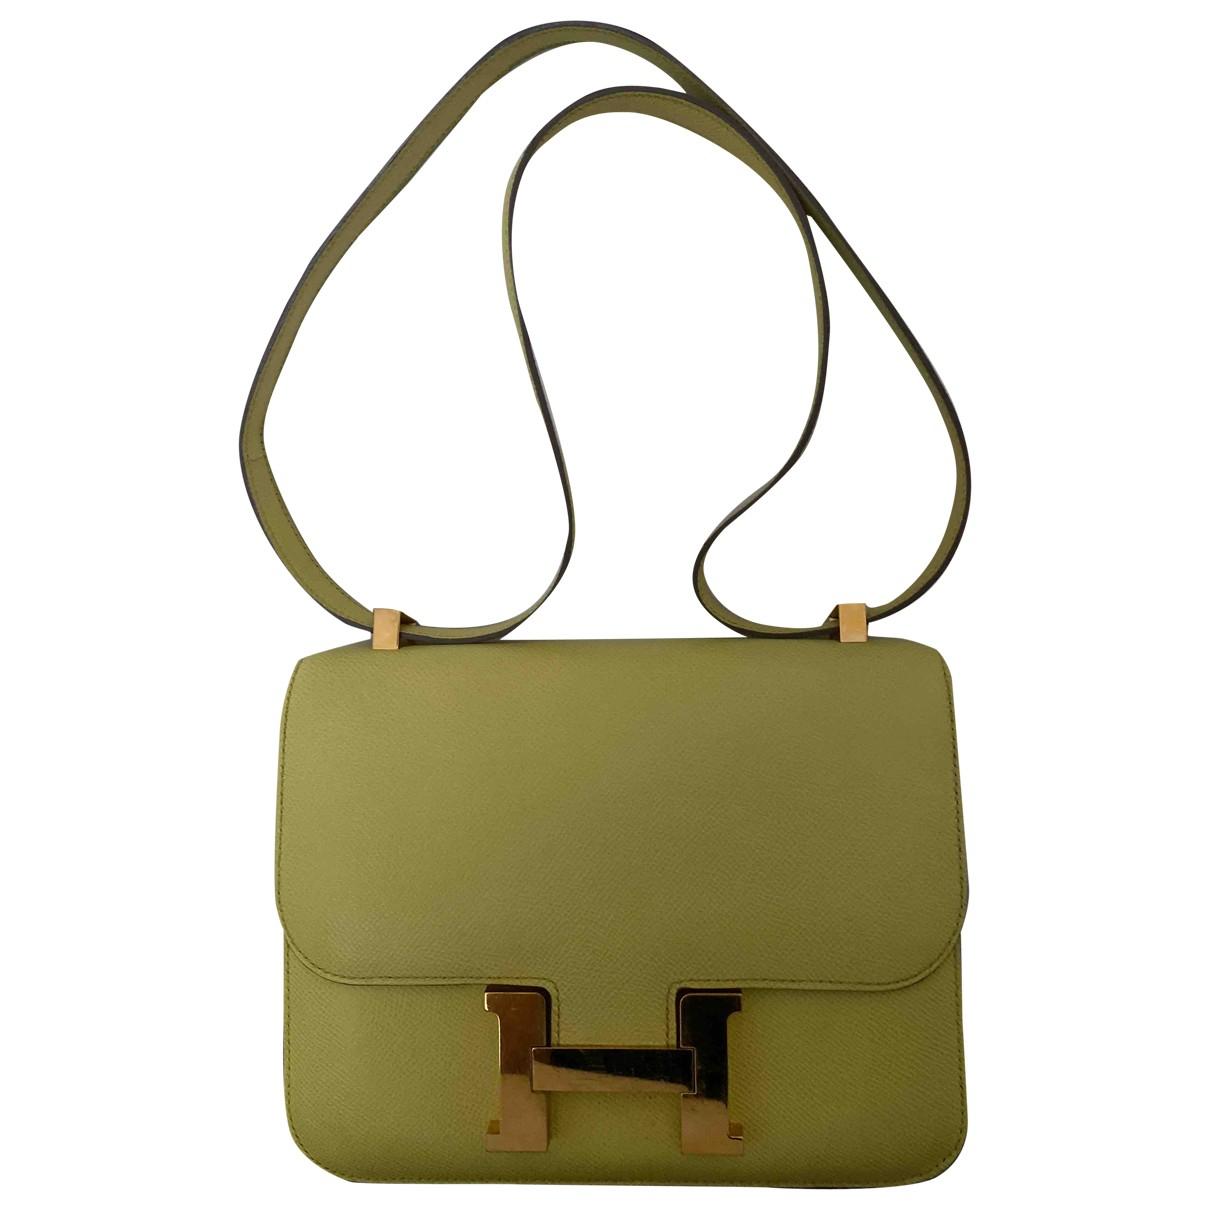 Hermes Constance Handtasche in  Gelb Leder